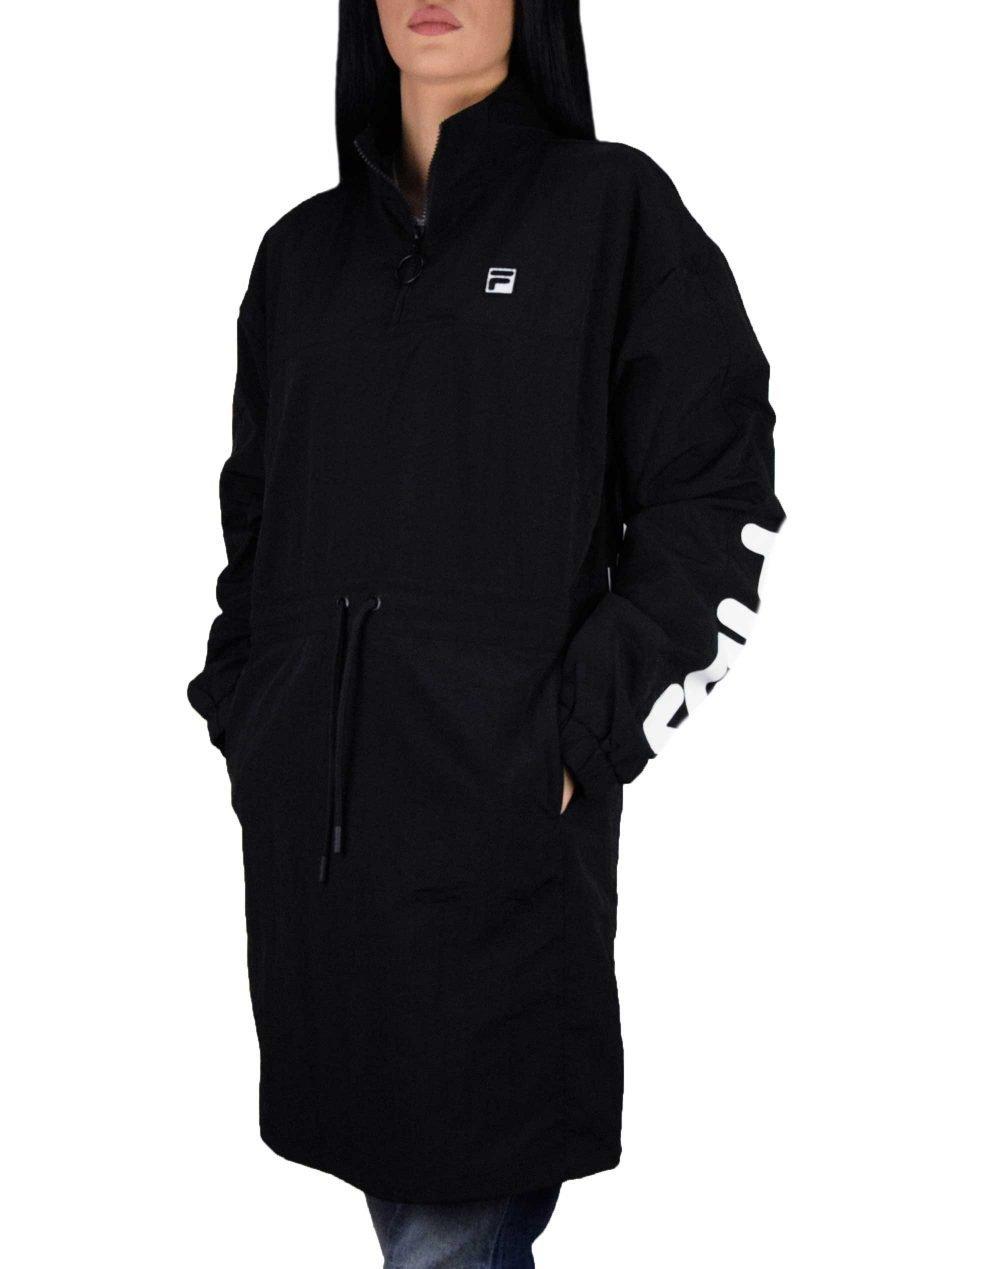 Fila Bijou Track Mini Dress LW933224 001 Black 3